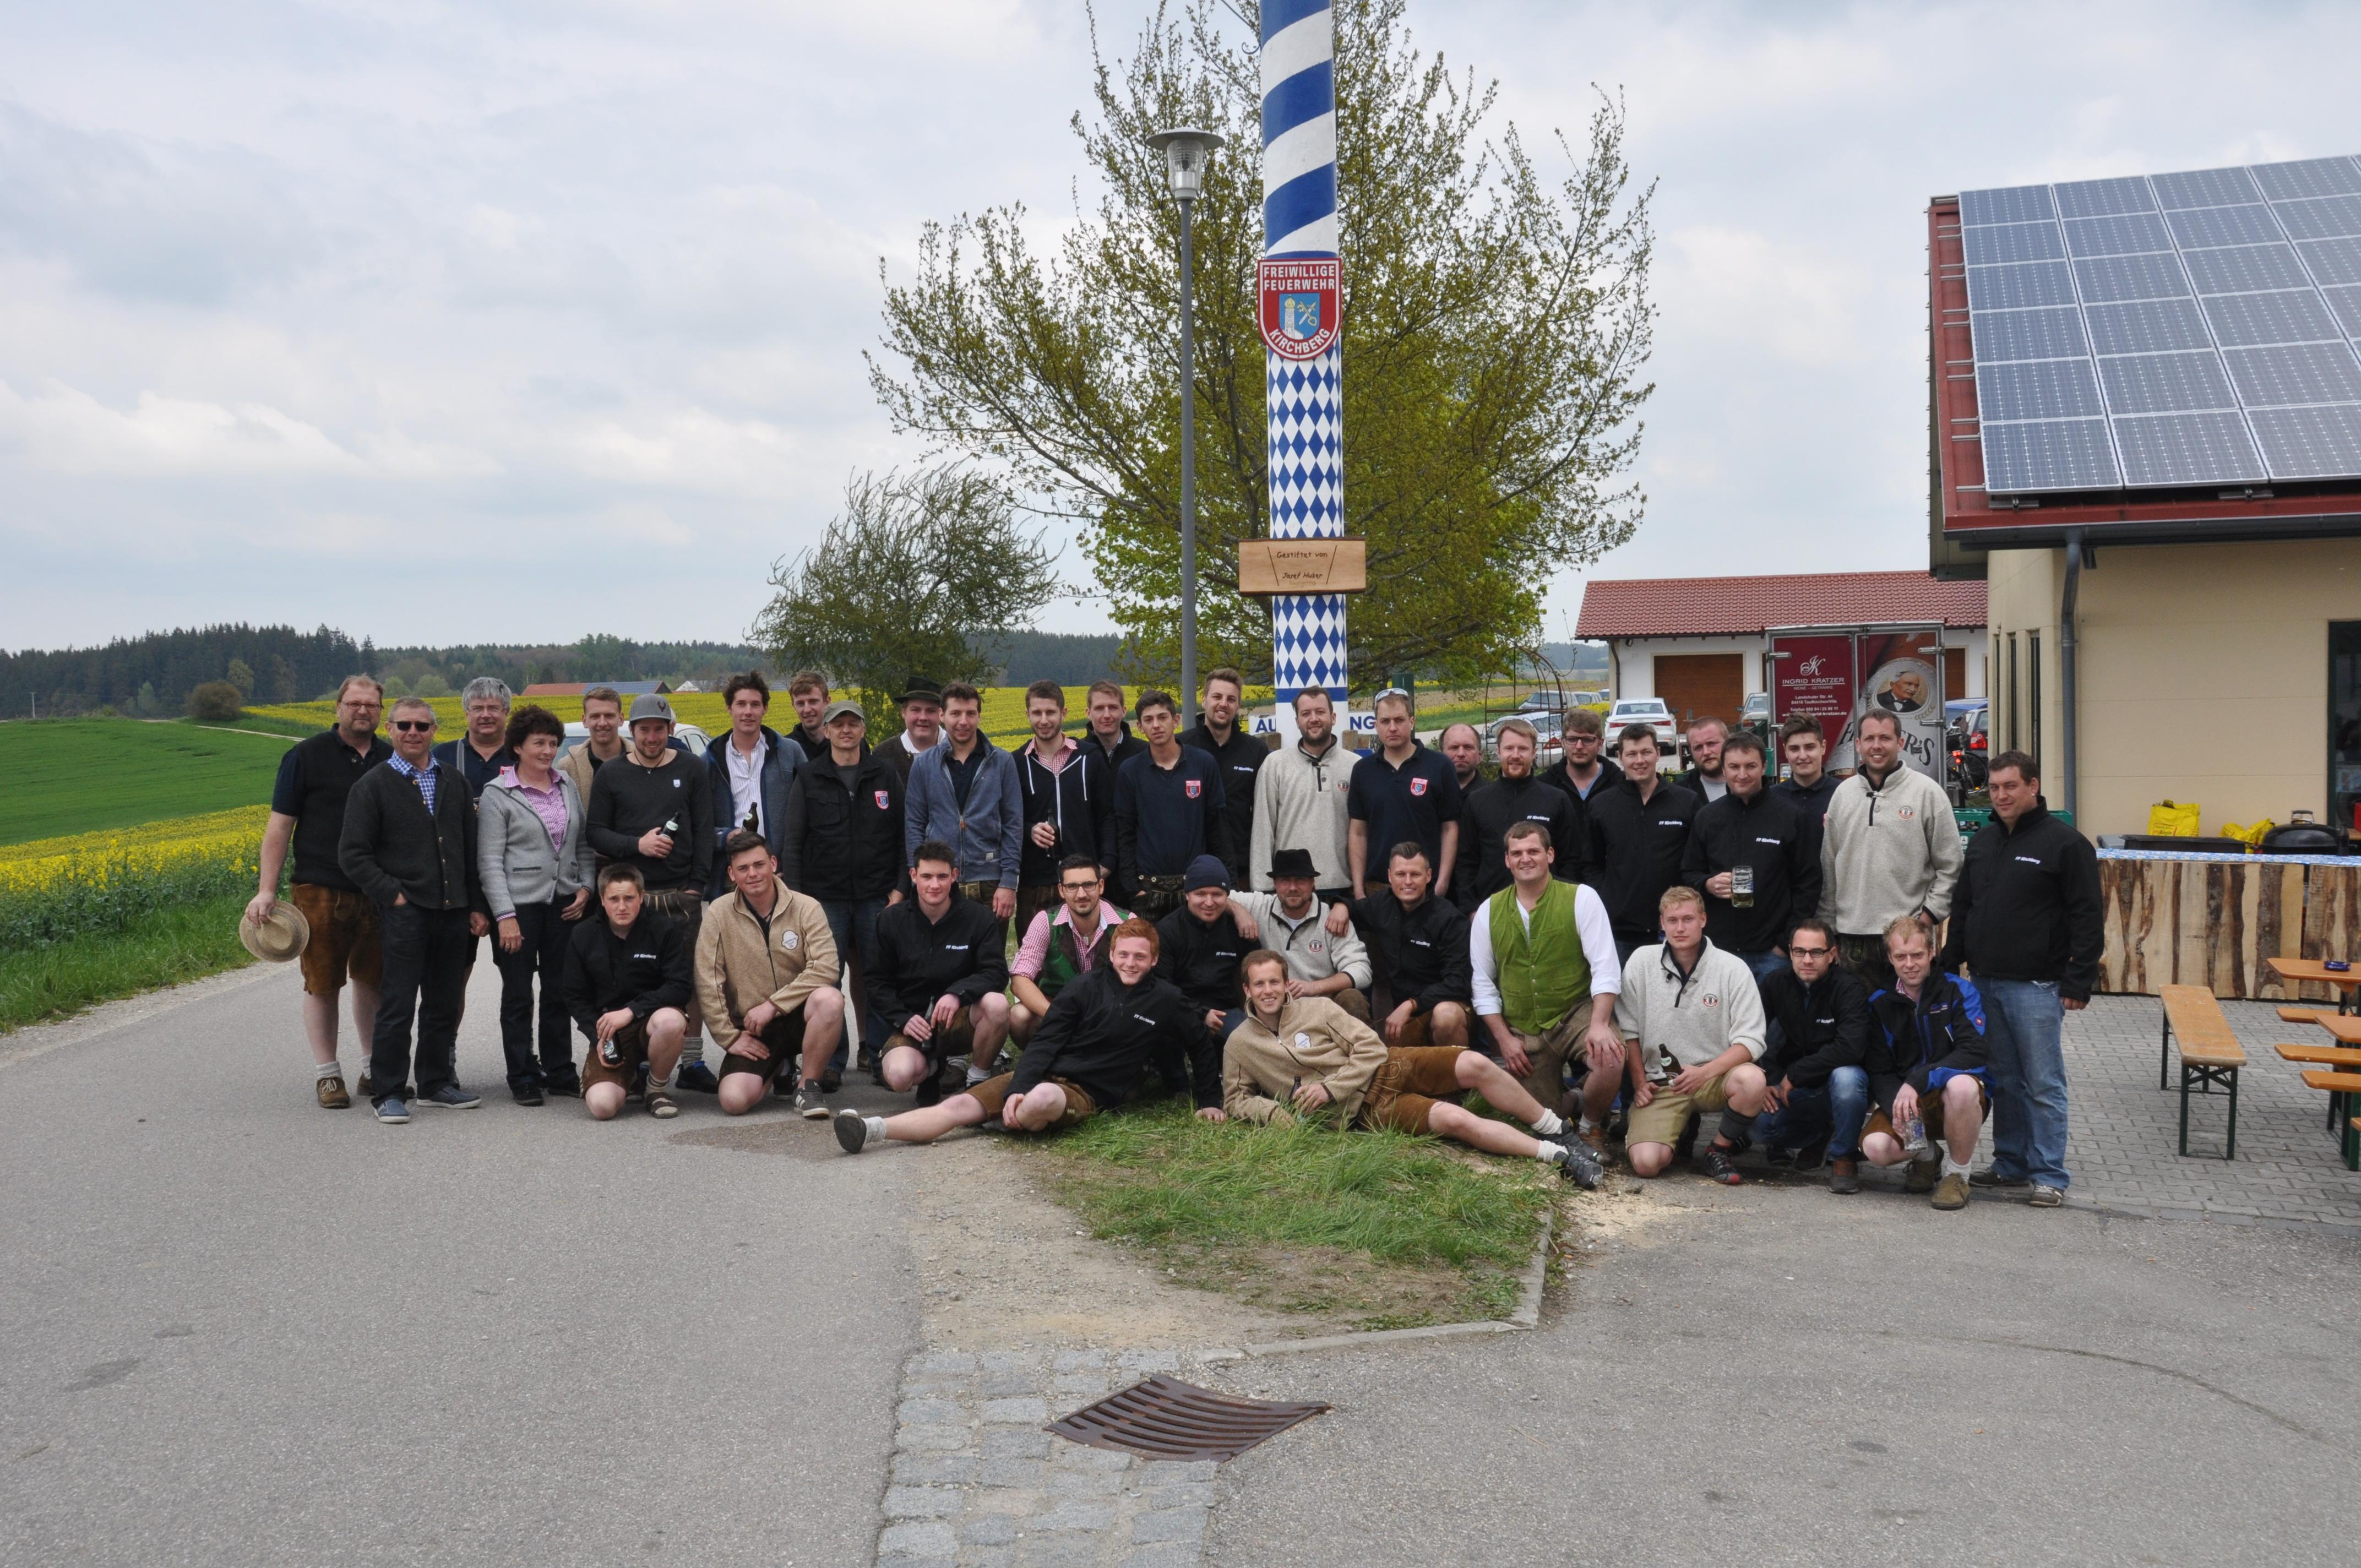 Mitglieder der freiwilligen Feuerwehr Kirchberg vor dem Maibaum